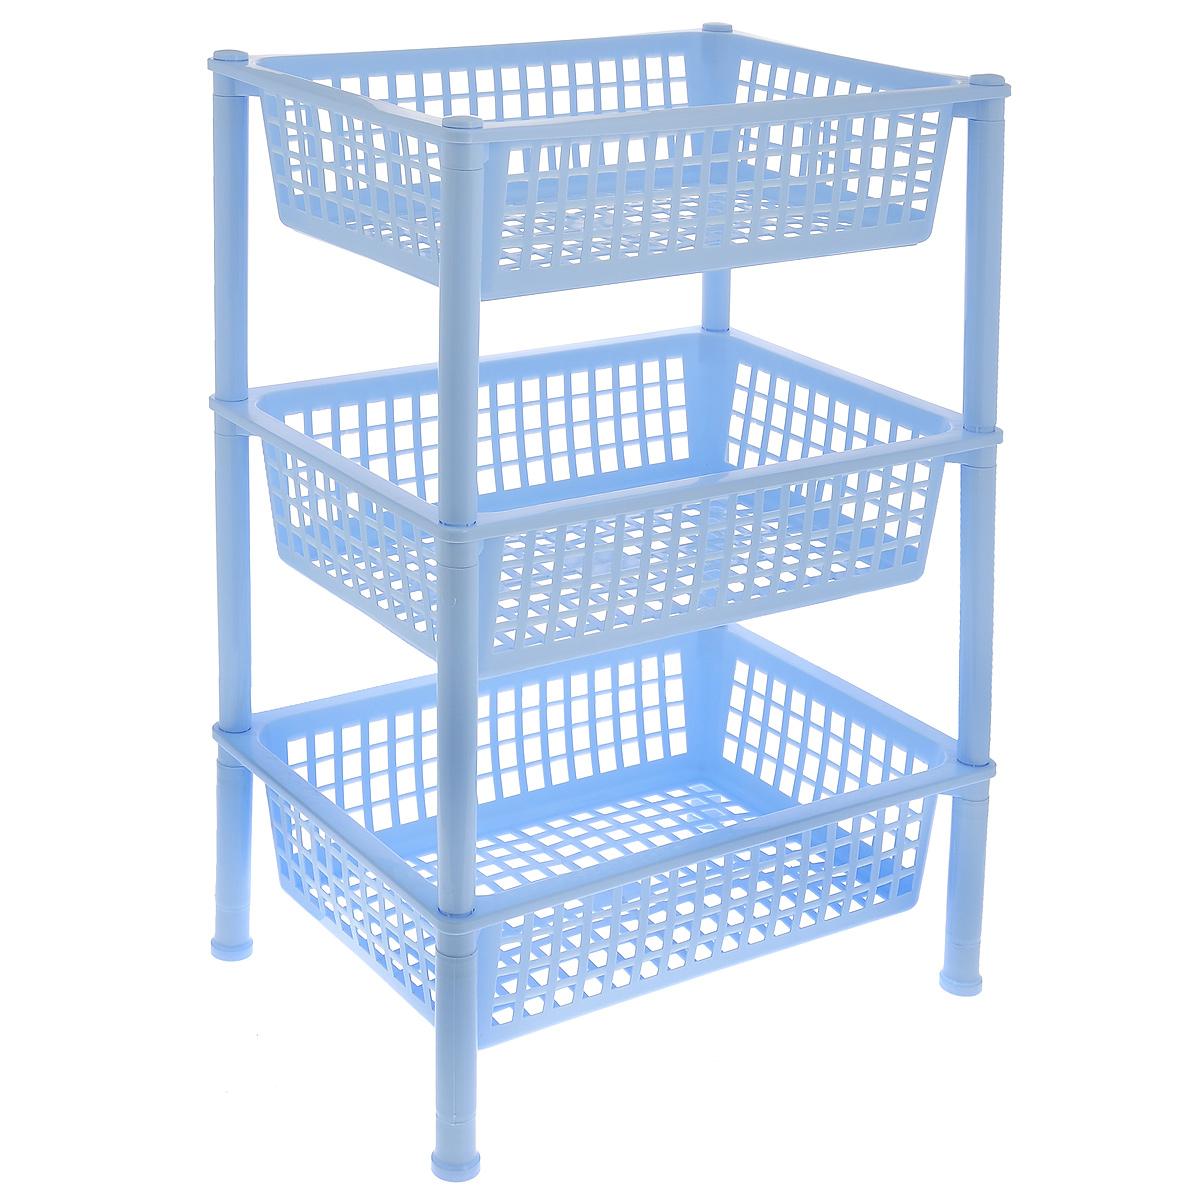 Этажерка для овощей Idea, 3-ярусная, цвет: голубой, 43,8 х 30,8 х 69,2 смМ 2730Прямоугольная этажерка Idea с 3 полками выполнена из пластика и предназначена дляхранения различных предметов на кухне, в ванной или в прихожей. На кухне в ней можнохранитьовощи и фрукты, в ванной - различные ванные принадлежности, в прихожей и комнате -сумки иаксессуары.Очень удобная и компактная, но в тоже время вместительная, она прекрасно впишется впространство любого помещения. Этажерка придется особенно кстати, если у васнебольшаяванная или кухня: она займет минимум пространства. Легко собирается и разбирается.Размер этажерки (ДхШхВ): 43,8 х 30,8 х 69,2 см.Размер корзинки (ДхШхВ): 43,8 х 30,8 х 12 см.